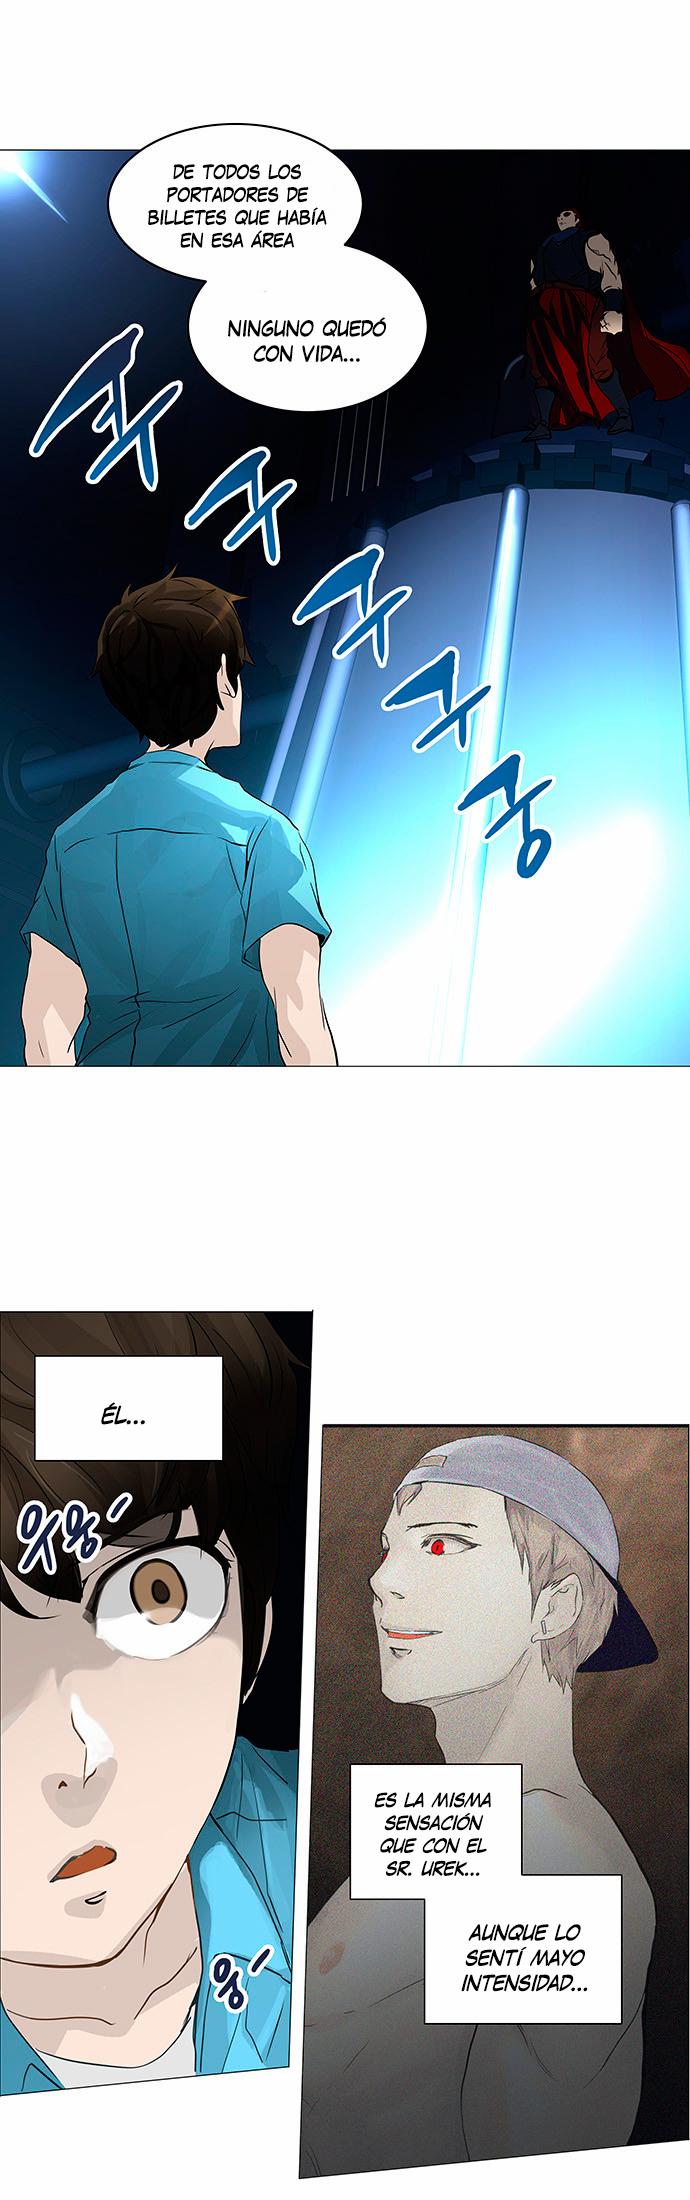 http://c5.ninemanga.com/es_manga/21/149/417885/cd8ac8f67b25299ae08b9bde7cdb7b69.jpg Page 12